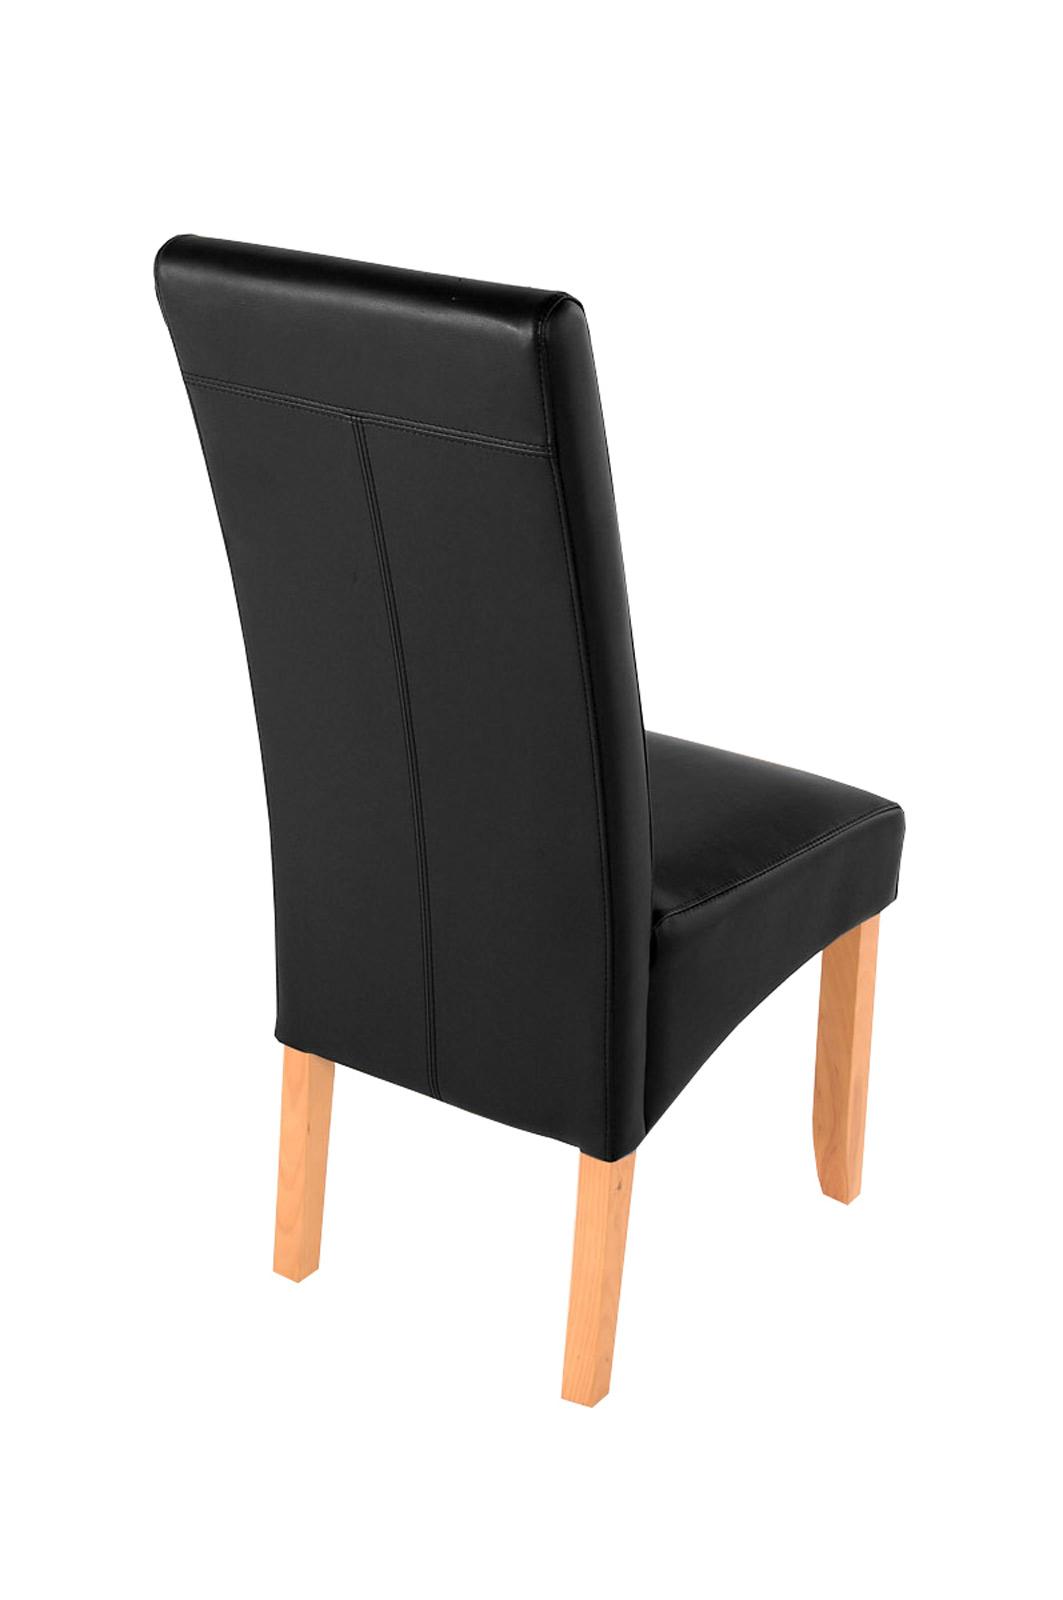 sam esszimmerstuhl stuhl schwarz recyceltes leder sancho demn chst. Black Bedroom Furniture Sets. Home Design Ideas